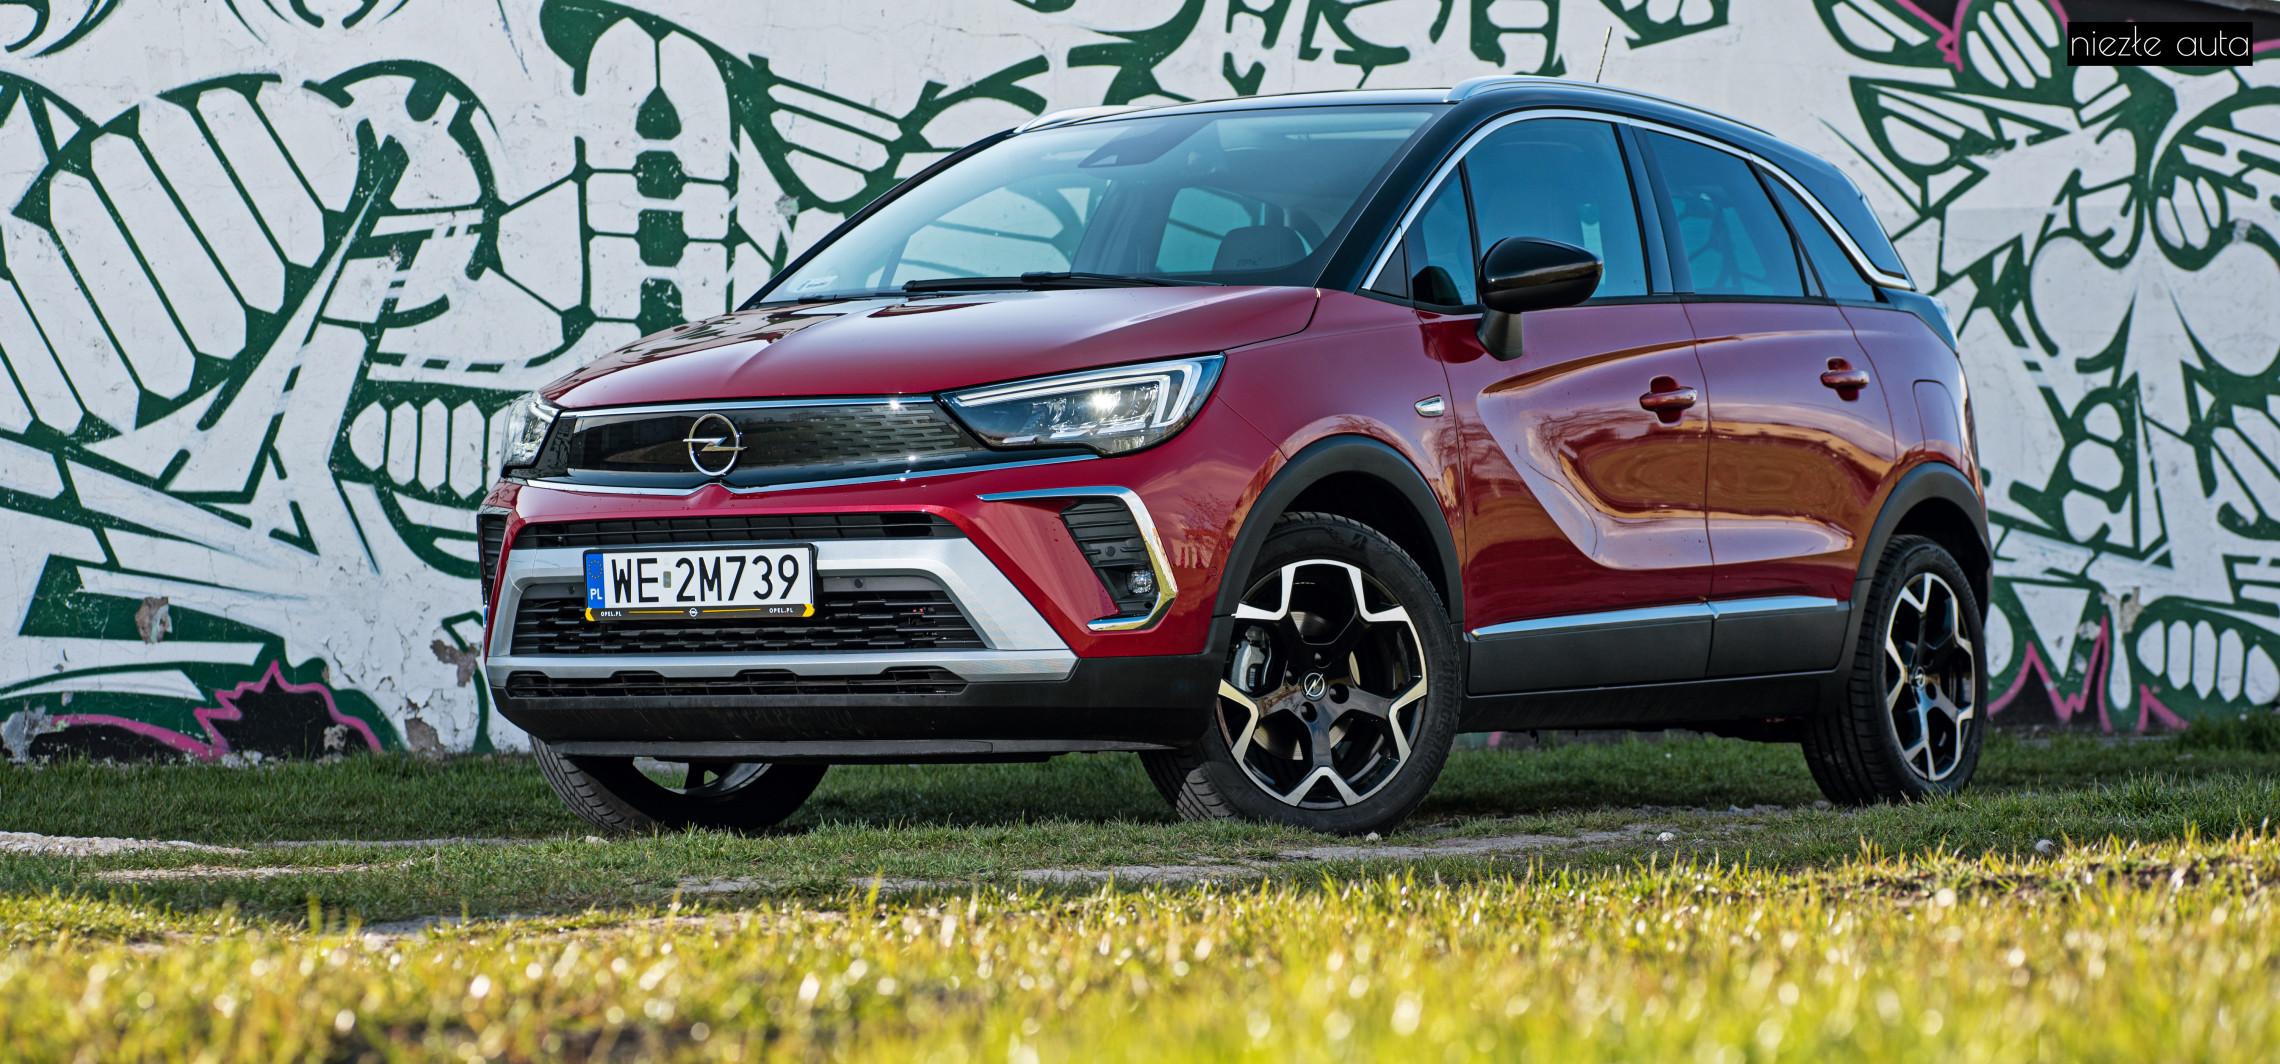 Test: Opel Crossland - modny mieszczuch